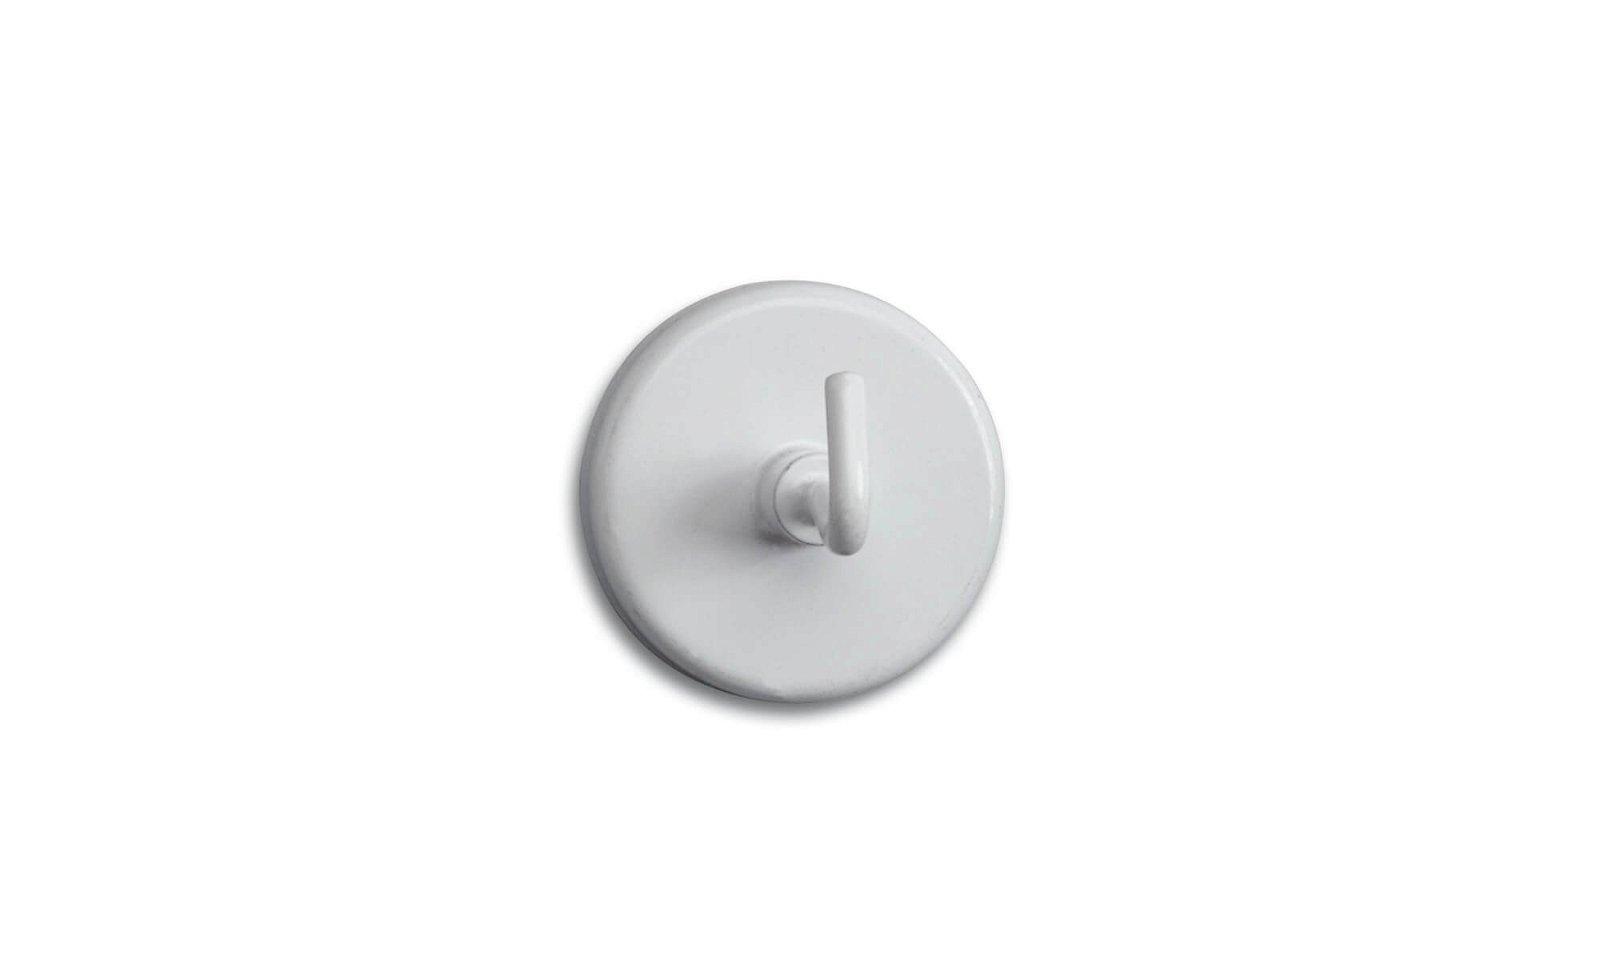 Kraftmagnet mit Haken Ø 36 mm, 6 kg Haftkraft, 5 St./Btl., weiß